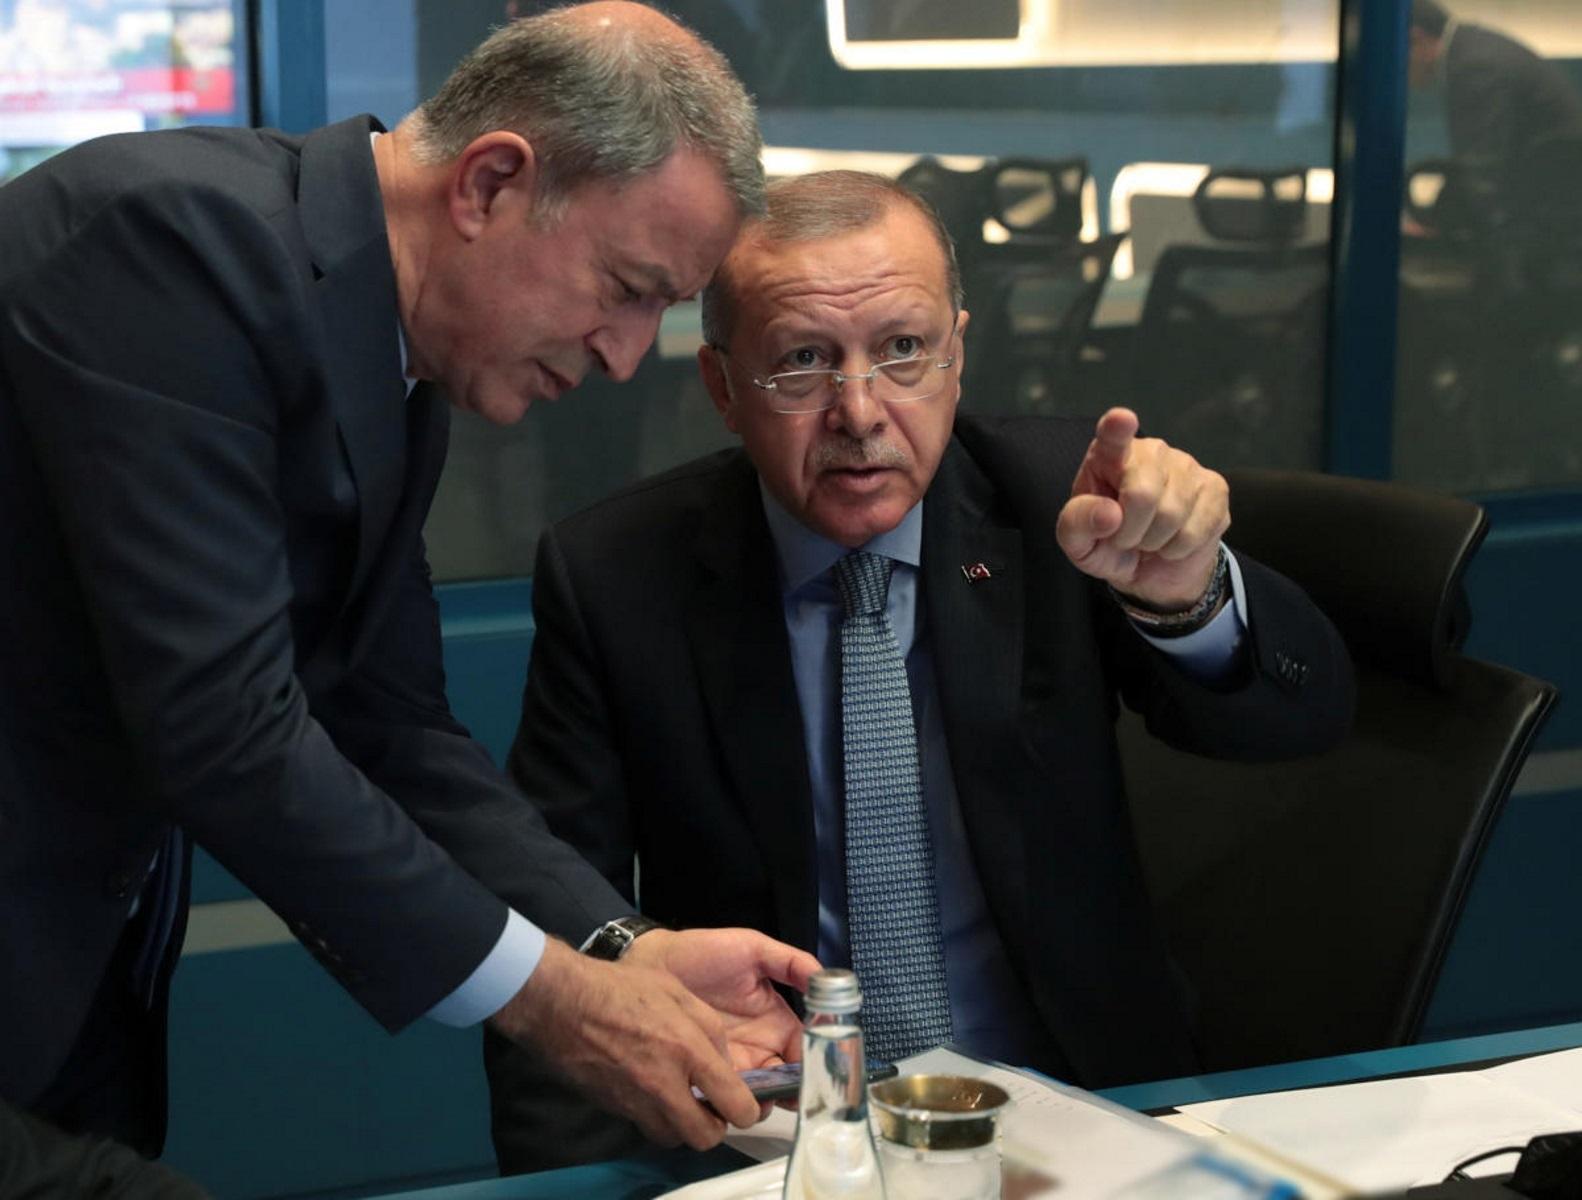 """Τουρκία: Ο Ακάρ θέτει ξανά ζήτημα """"γκρίζων ζωνών"""" στο Αιγαίο"""